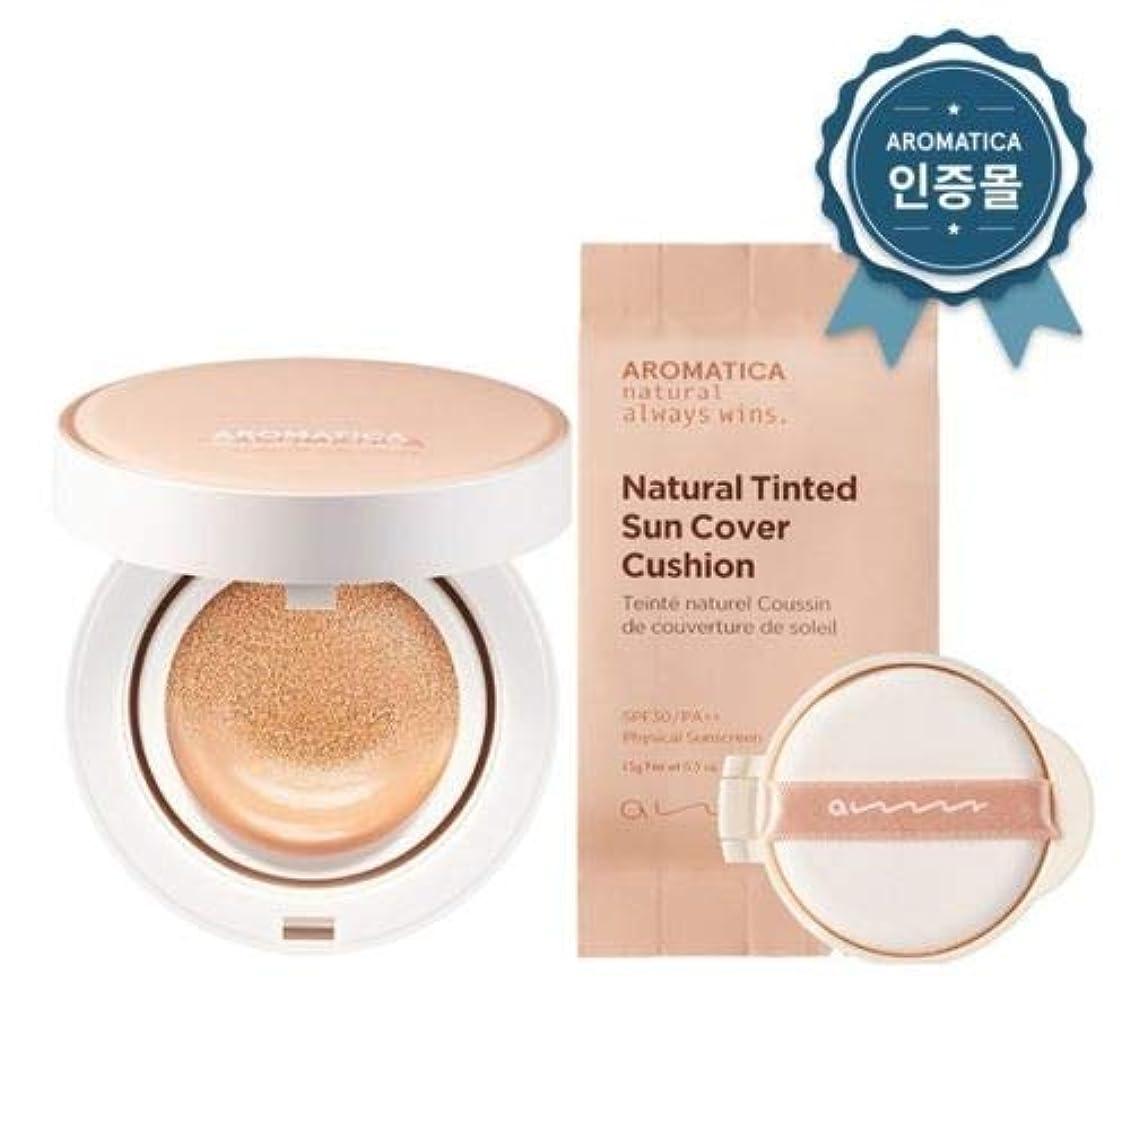 AROMATICA アロマティカ Natural Tinted Sun Cover Cushion サンクッション 本品15g + リフィール15g (ライトベージュ)